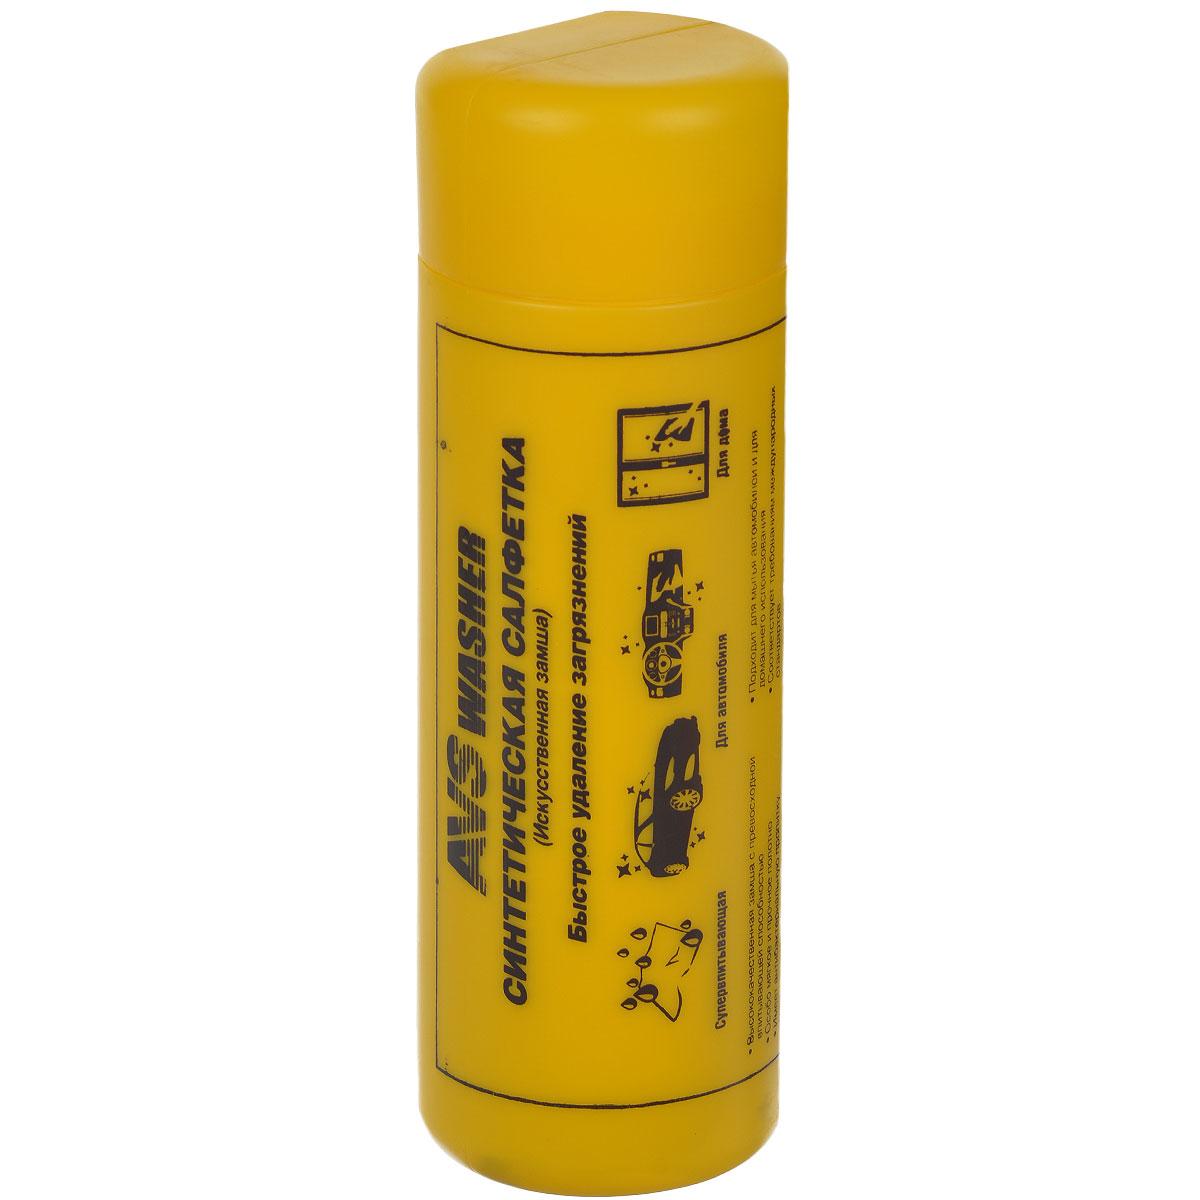 Салфетка синтетическая AVS CH-6443, 64 х 43 смRC-100BWCСинтетическая салфетка AVS CH-6443 подходит для мытья автомобиля и для домашнего использования. Она выполнена из искусственной замши. Соответствует требованиям международных стандартов.Особенности:Высококачественная замша с превосходной впитывающей способностью.Особо мягкое и прочное полотно.Имеет антибактериальную пропитку.Идеально моет, чистит, полностью высушивает.Легко очищает въевшиеся загрязнения без применения химических очистителей.Устойчива к воздействию масла, топлива, очищающих жидкостей.Обеспечивает чистую, сухую, блестящую поверхность без разводов и ворсинок.